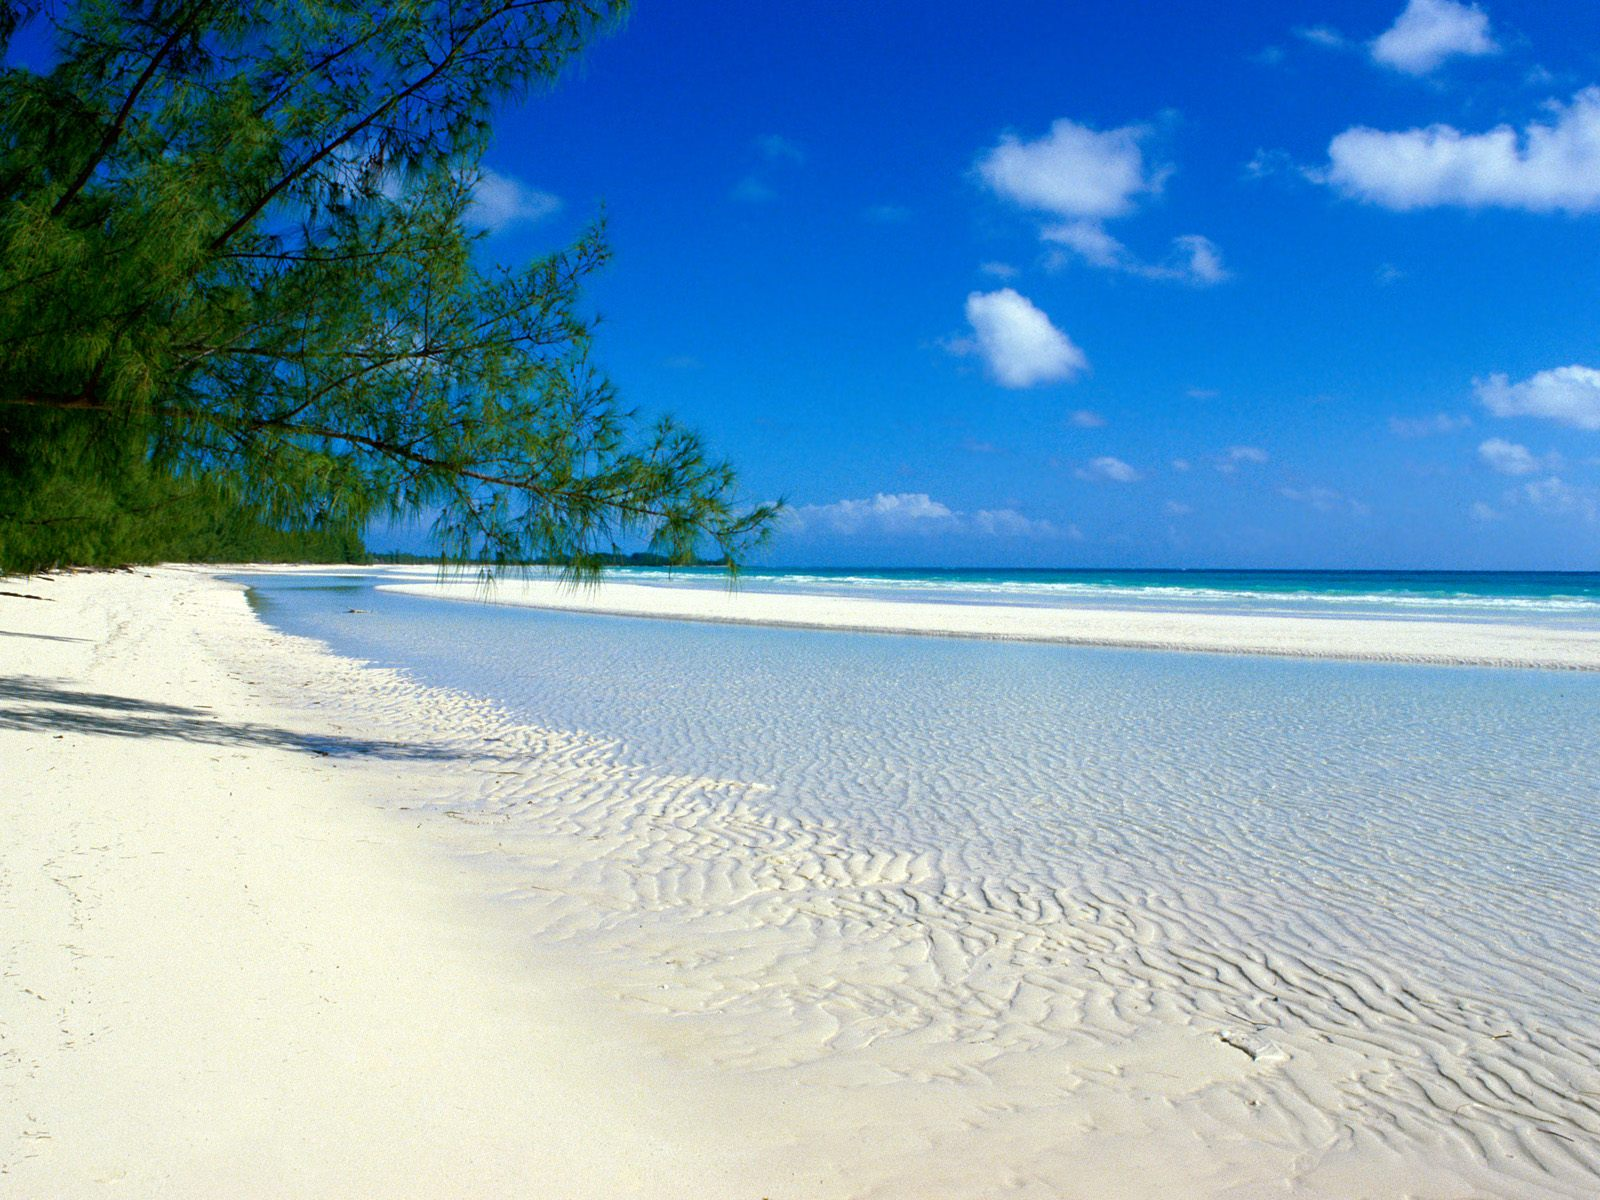 море, пляж, песок, пальмы, скачать фото, обои на рабочий стол